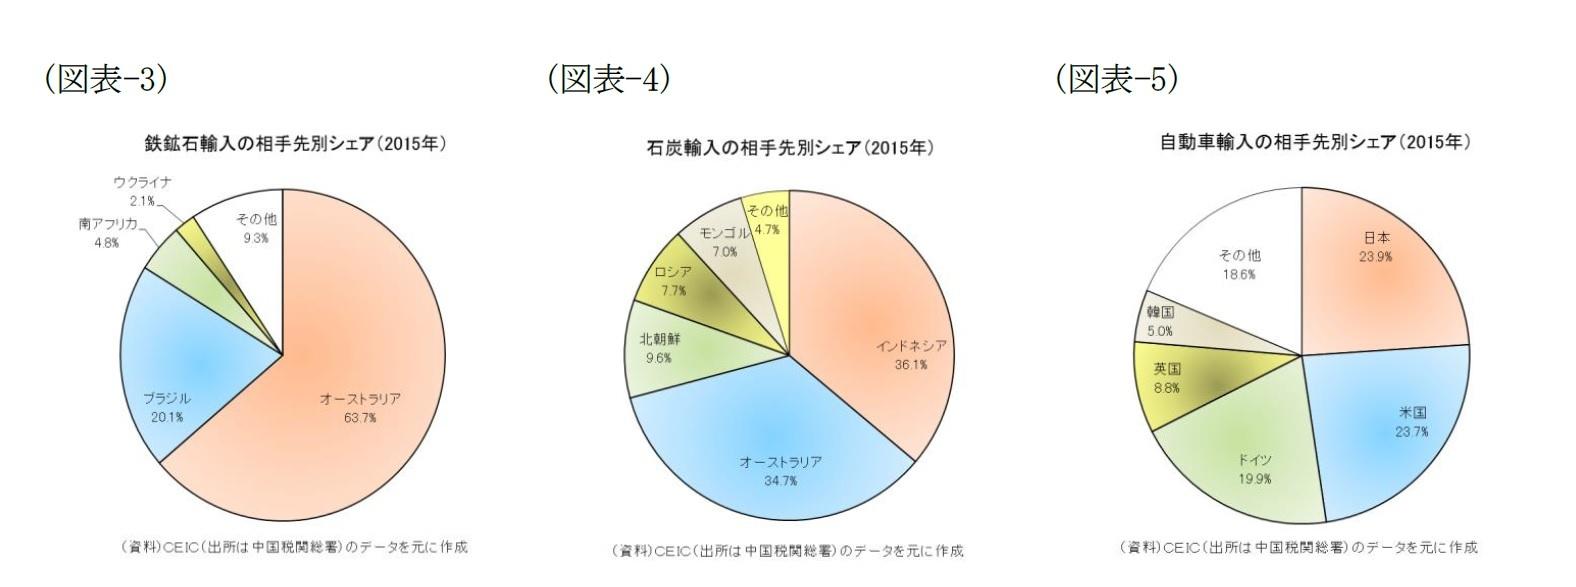 (図表-3)鉄鉱石輸入の相手先別シェア(2015年)/(図表-4)石炭輸入の相手先別シェア(2015年)/(図表-5)自動車輸入の相手先別シェア(2015年)